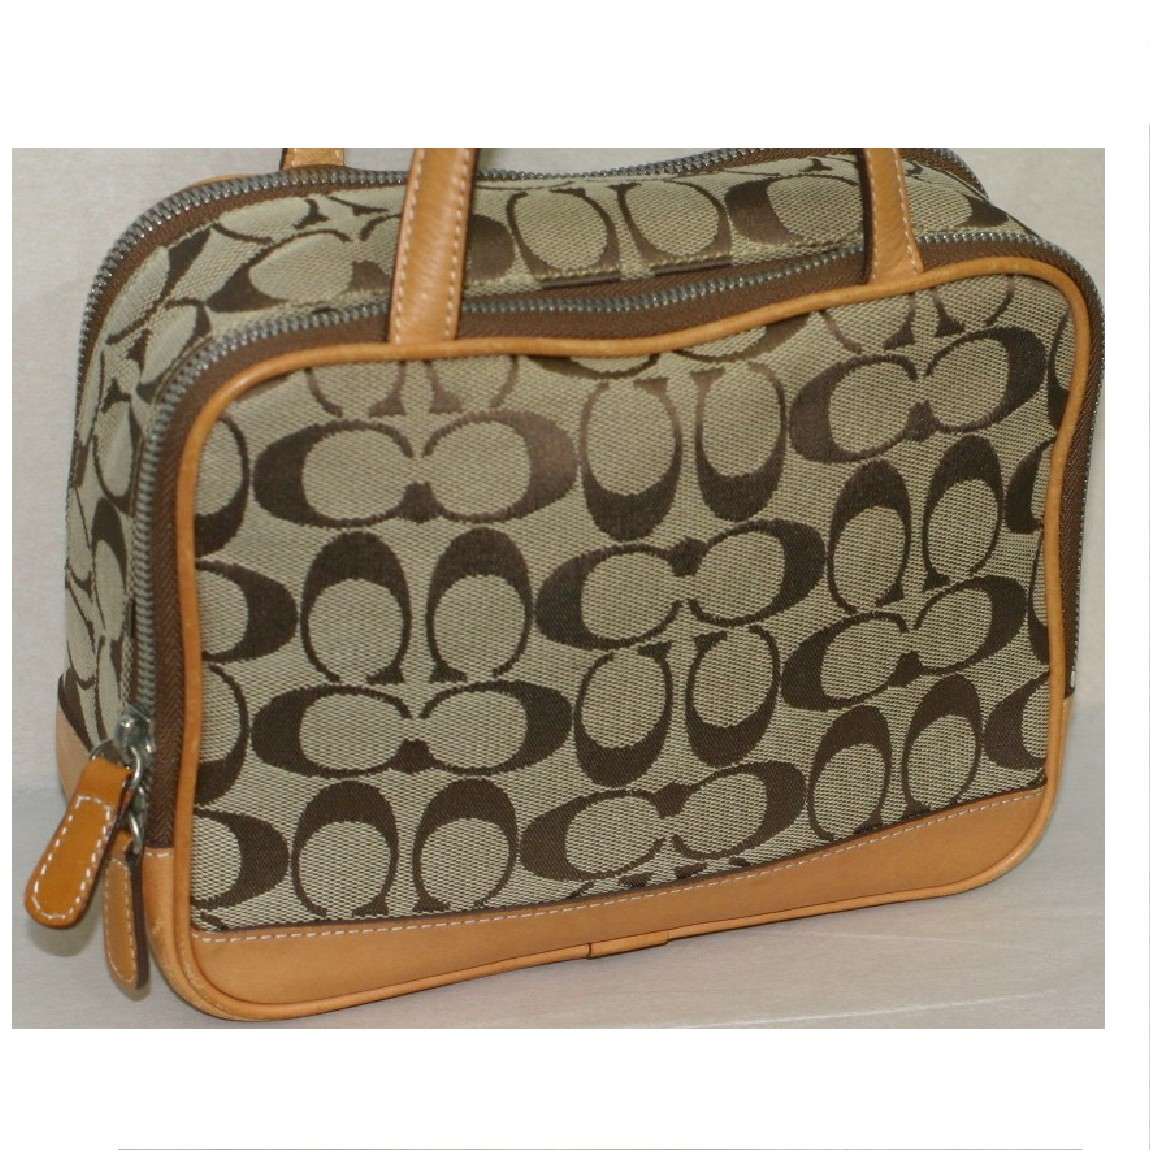 【中古】本物コーチ女性用22x16,5x8cm茶シグxキャメル色可愛いバッグ